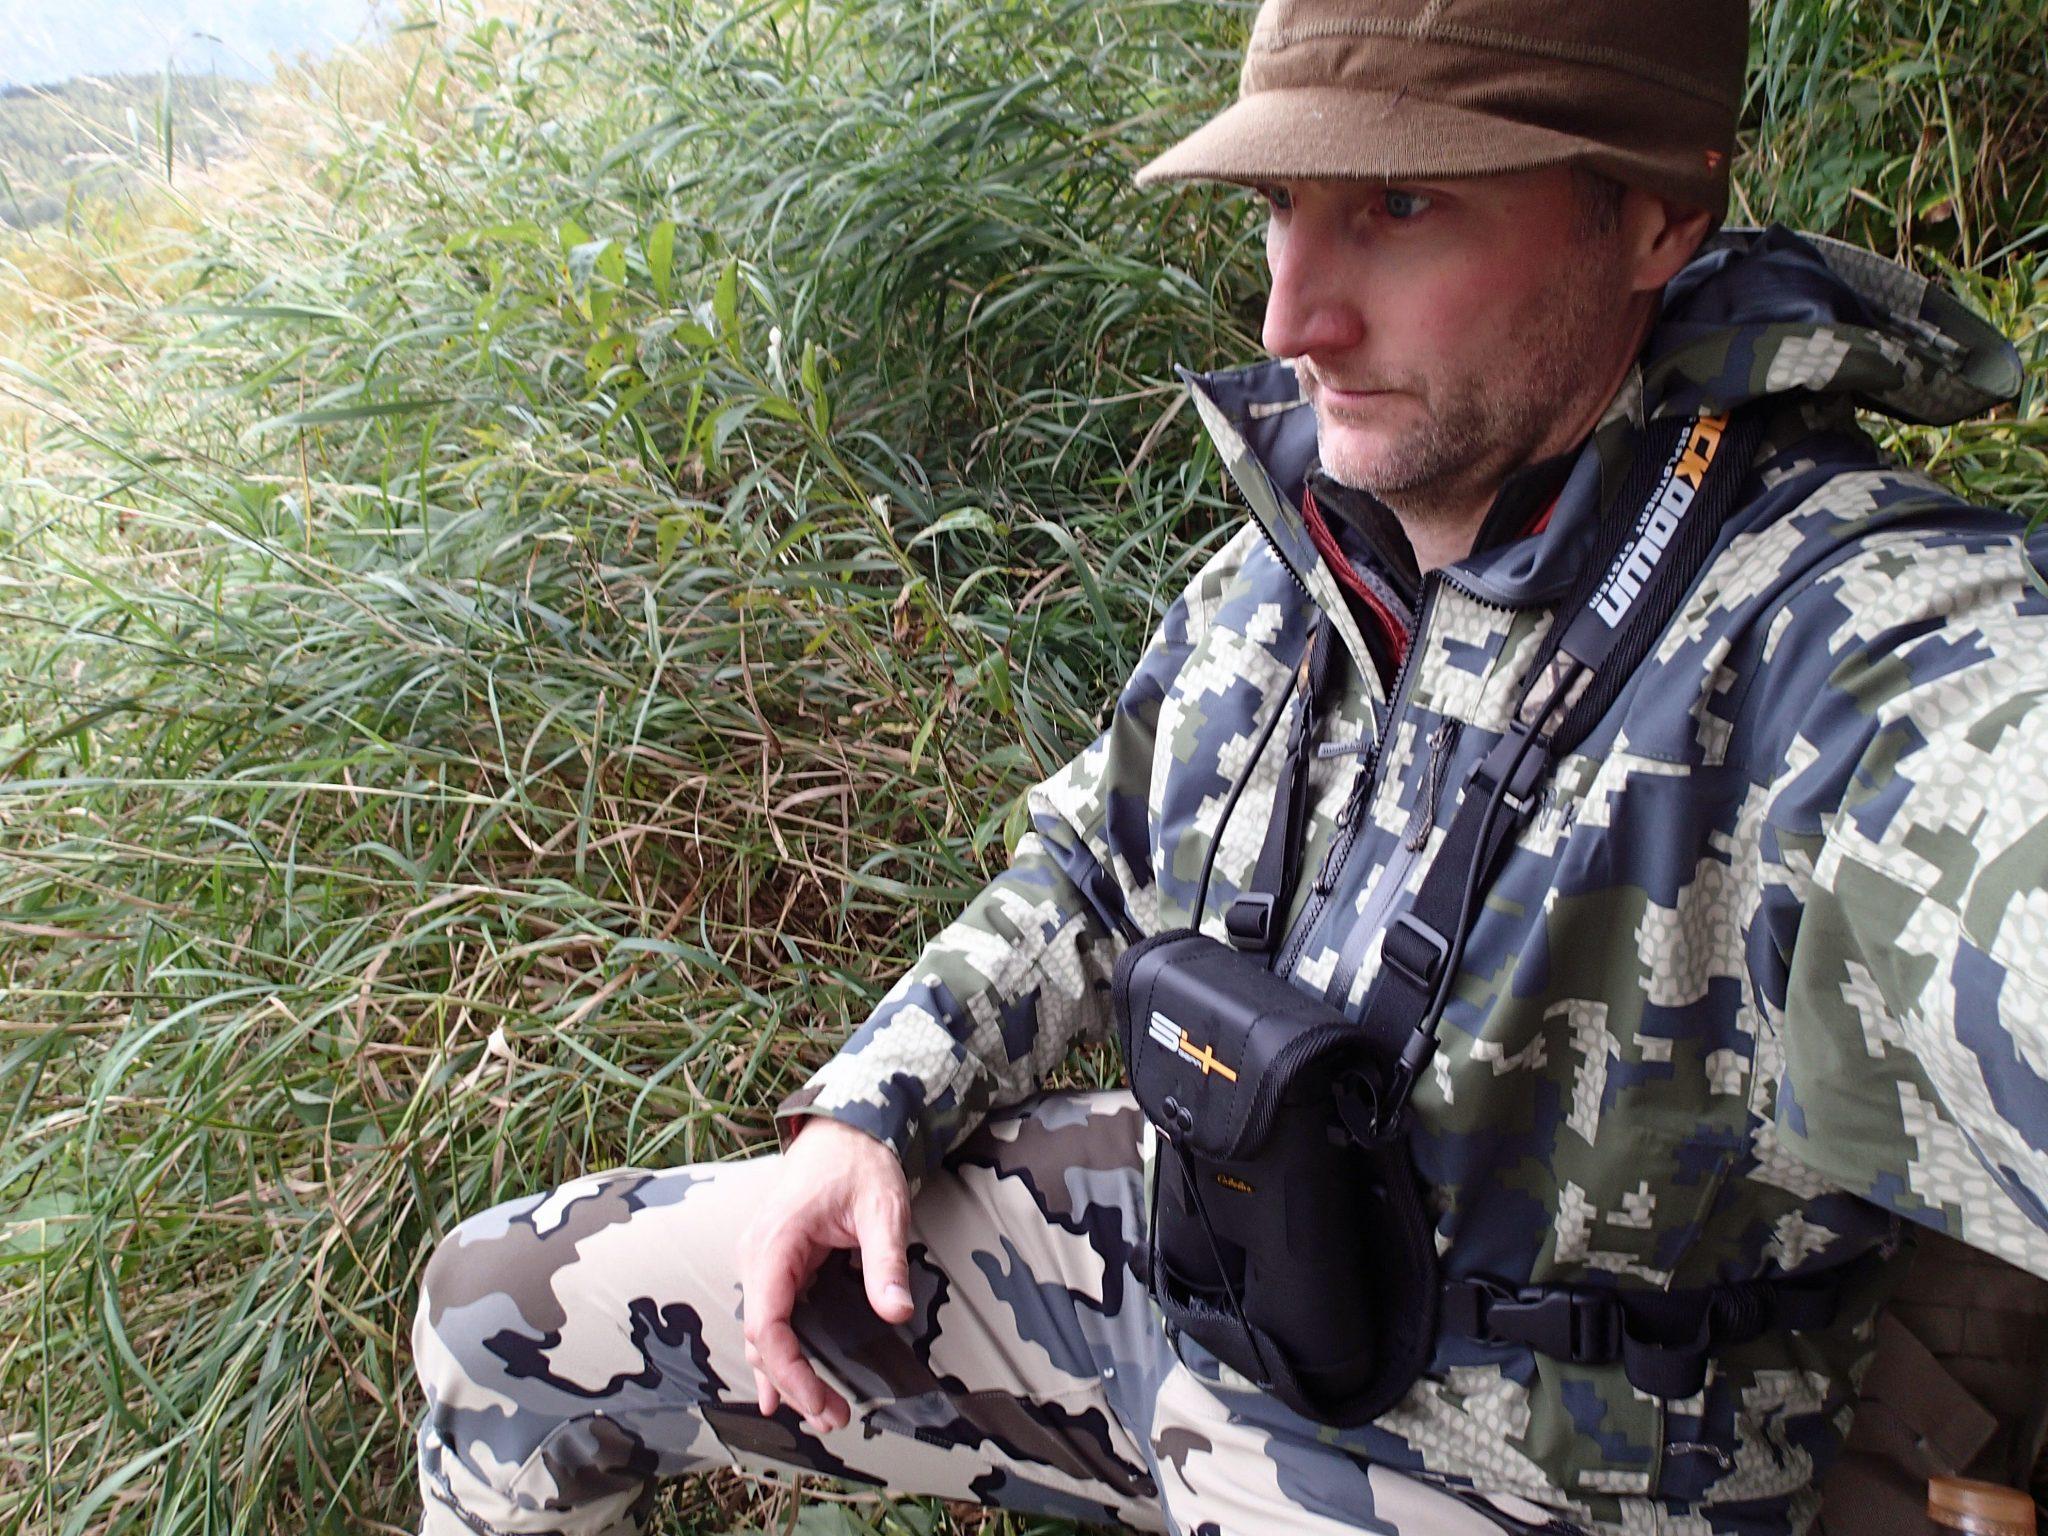 KUIU Chugach NX Glassing for Bear on the Kenai